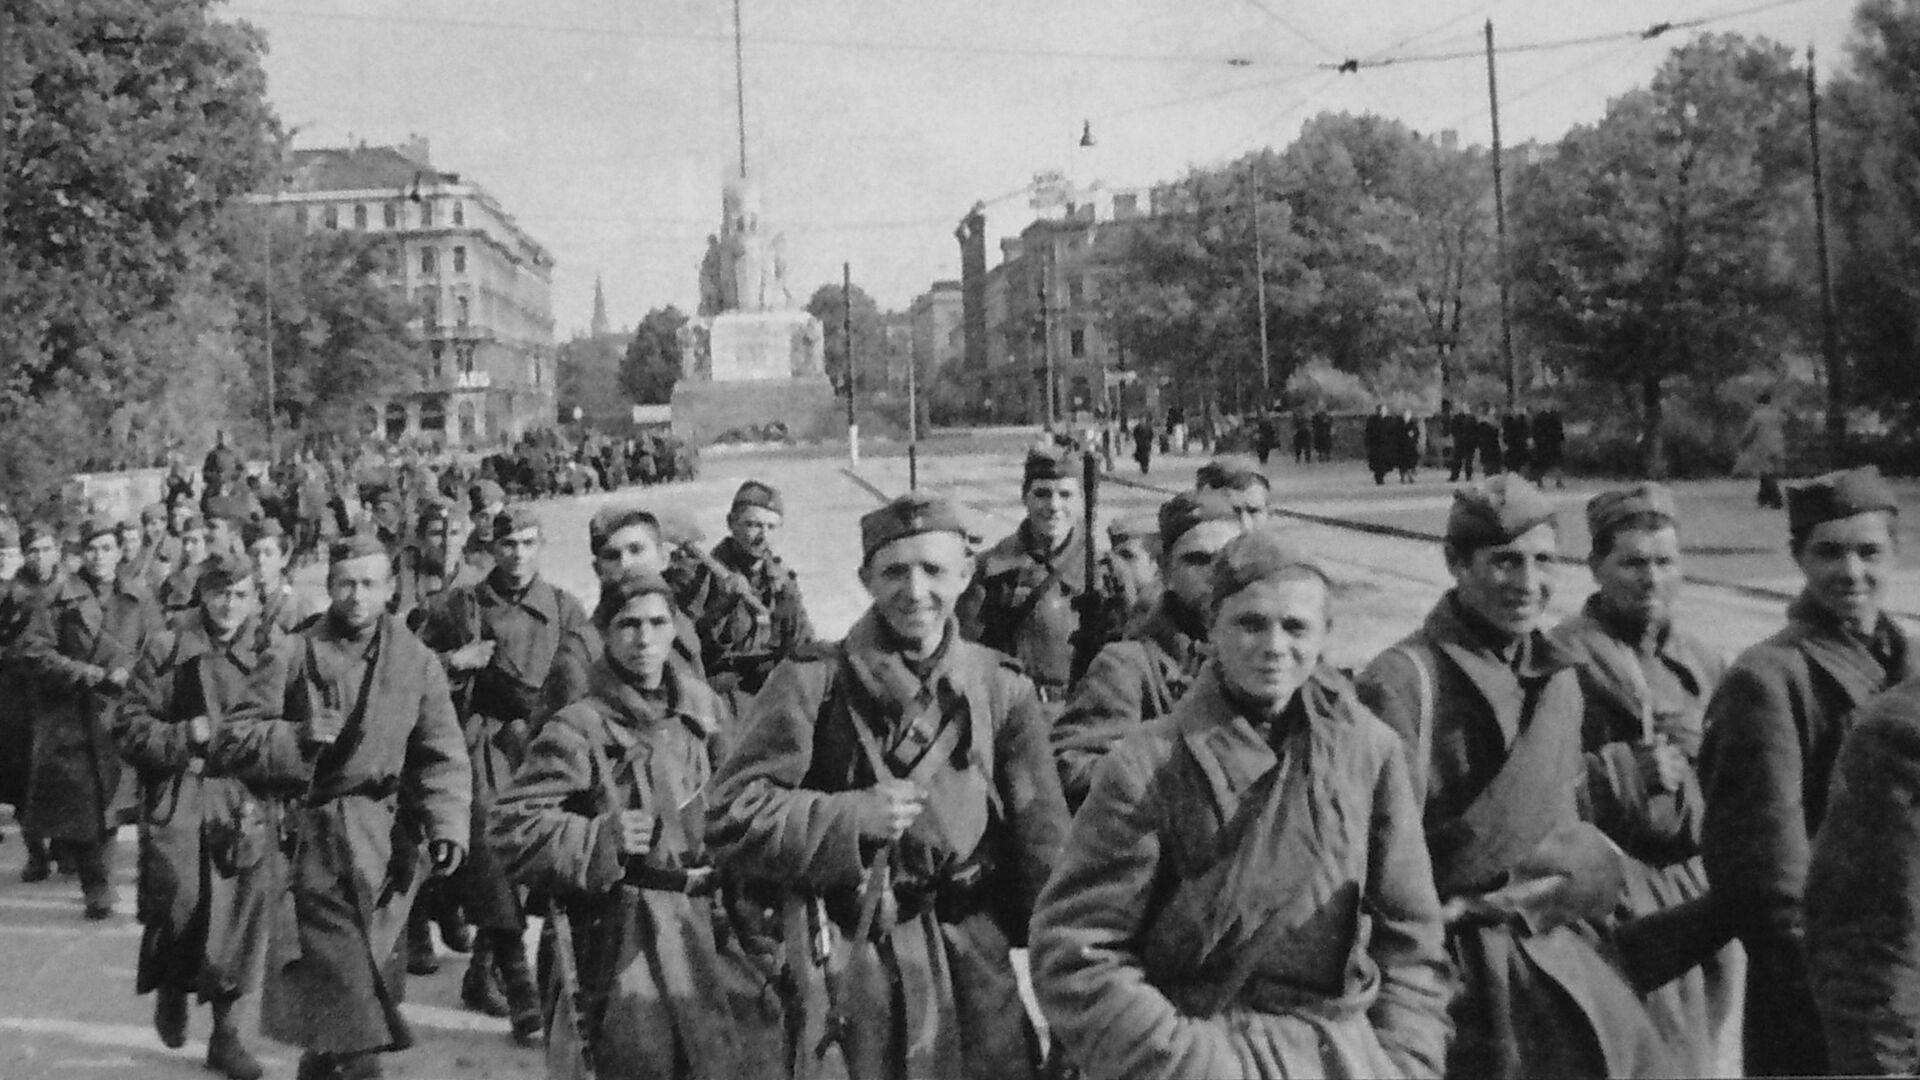 Бойцы 130-го Латышского стрелкового корпуса Красной Армии в освобожденной Риге. 15 октября 1944 года - РИА Новости, 1920, 04.06.2021